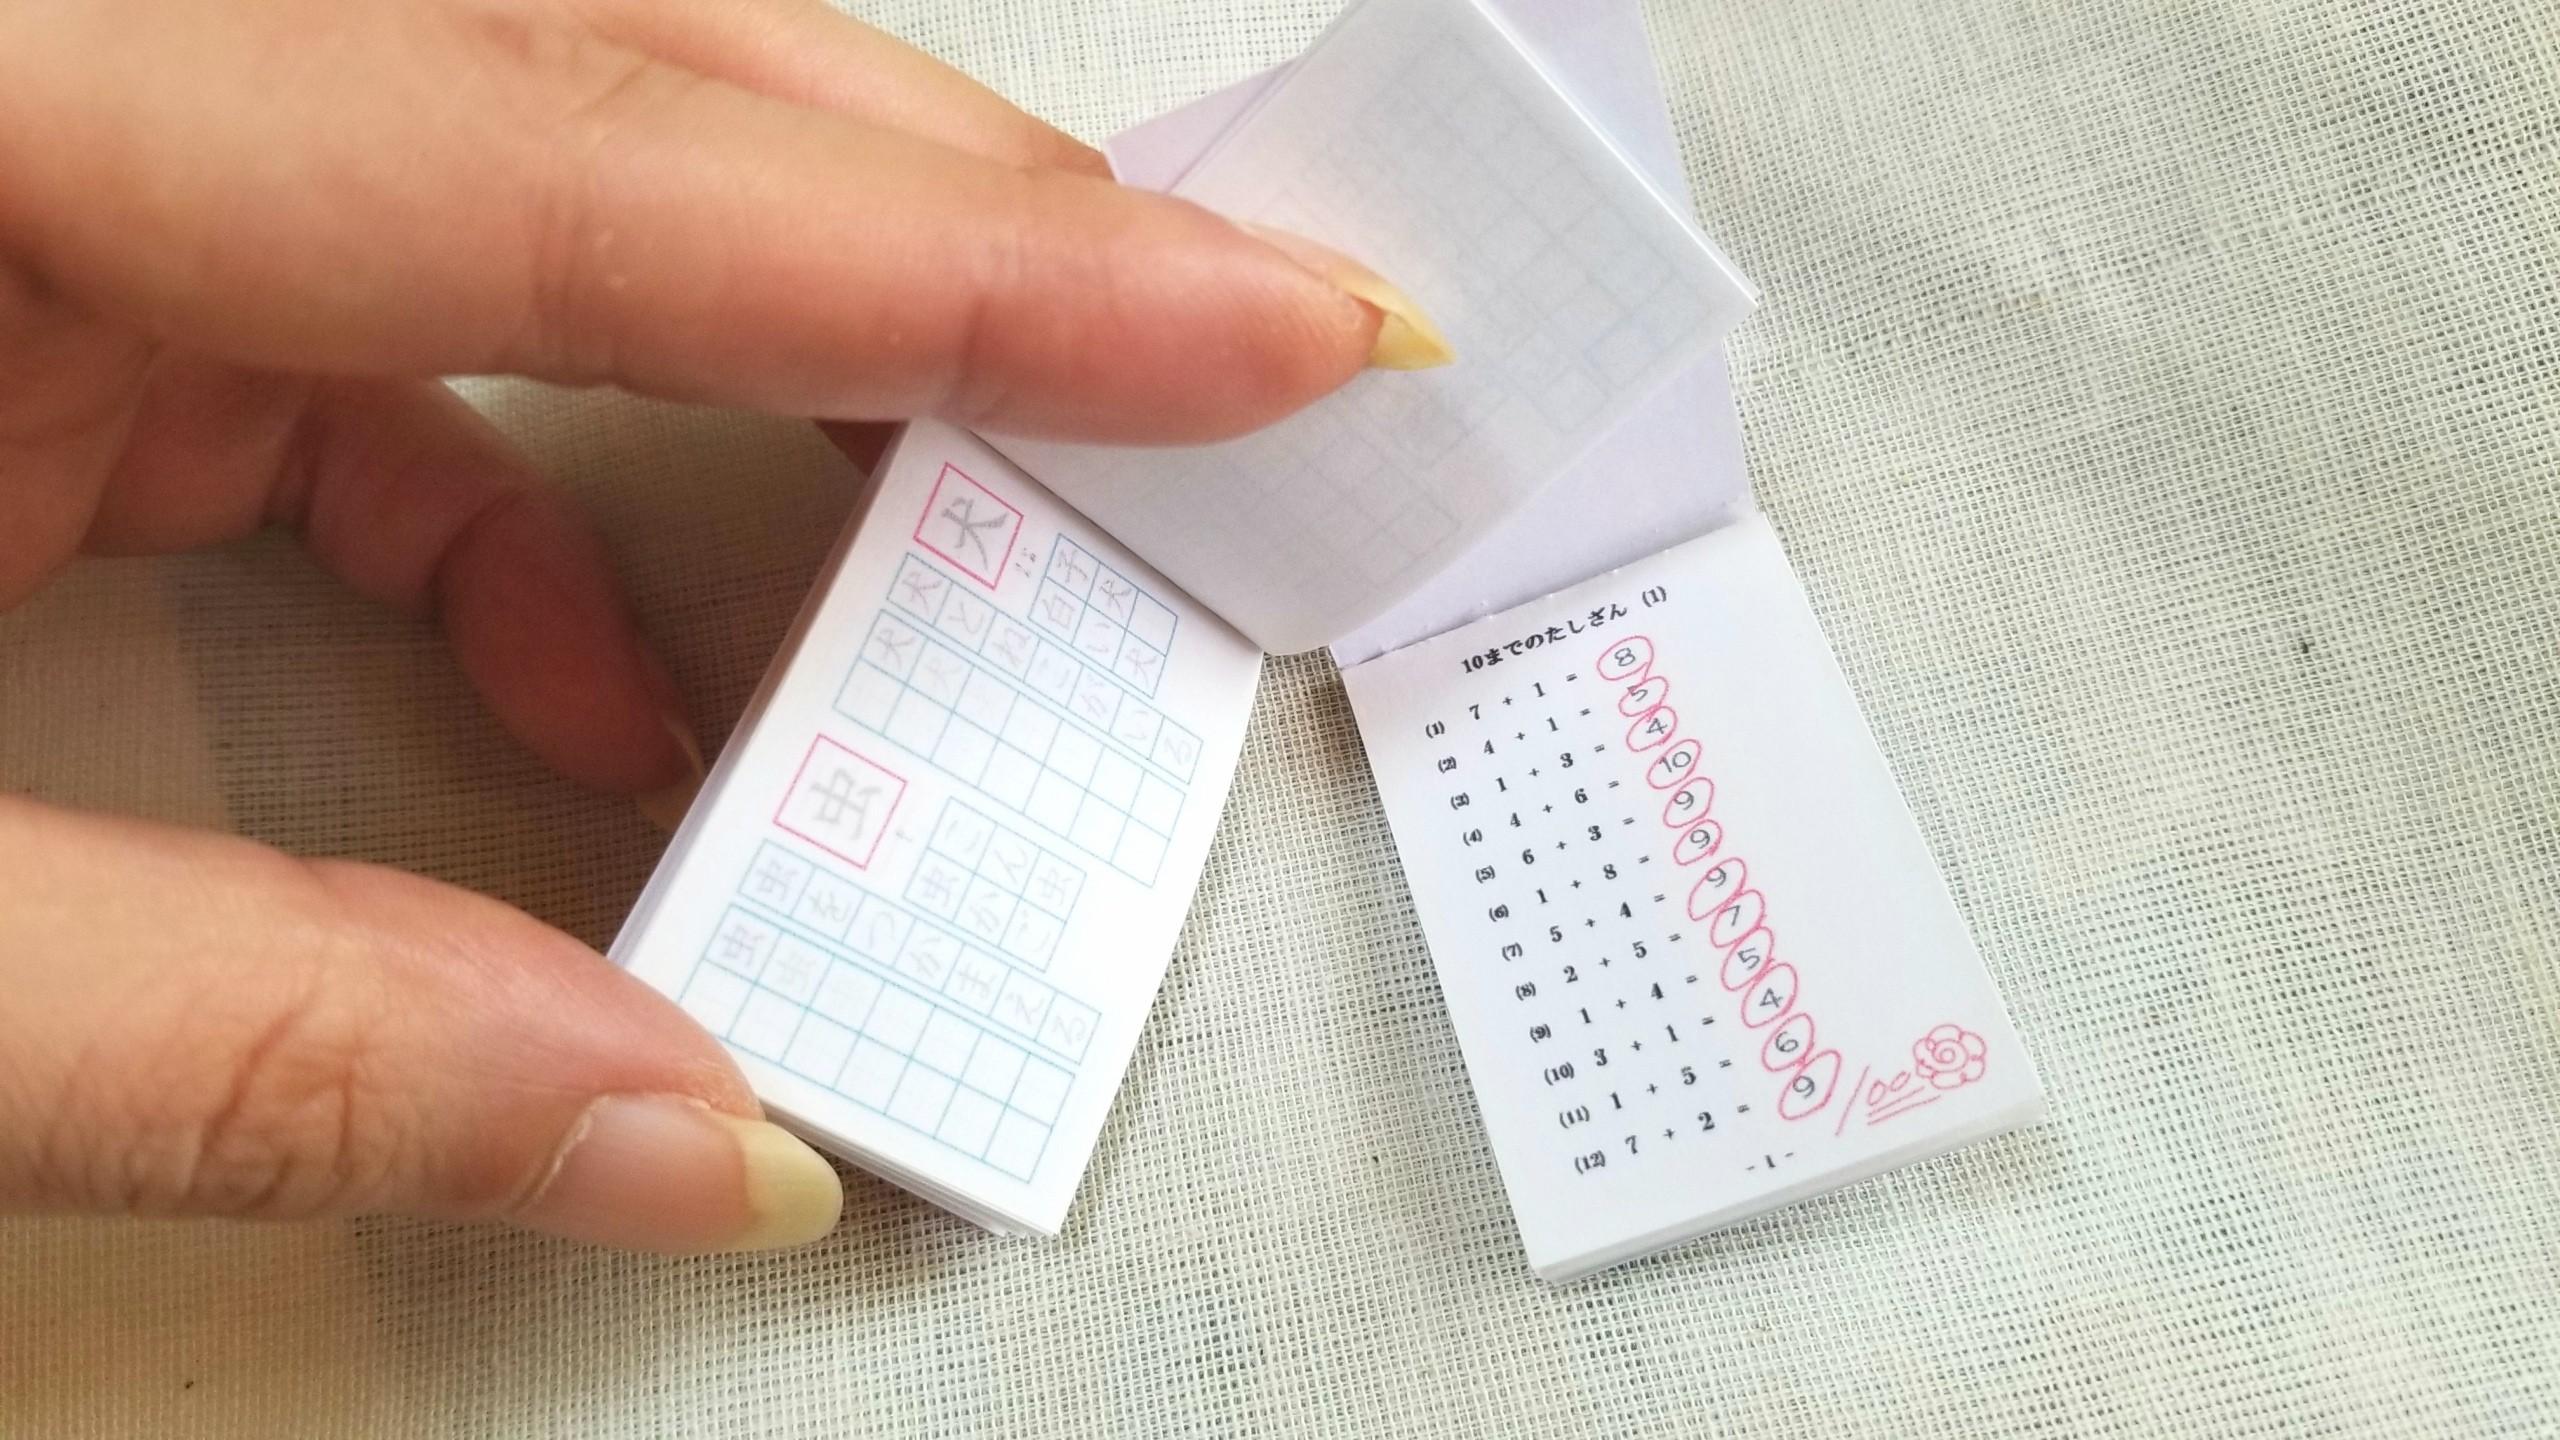 ミニチュアノート,計算漢字ドリル,勉強するぞ,かわいい,おすすめ小物